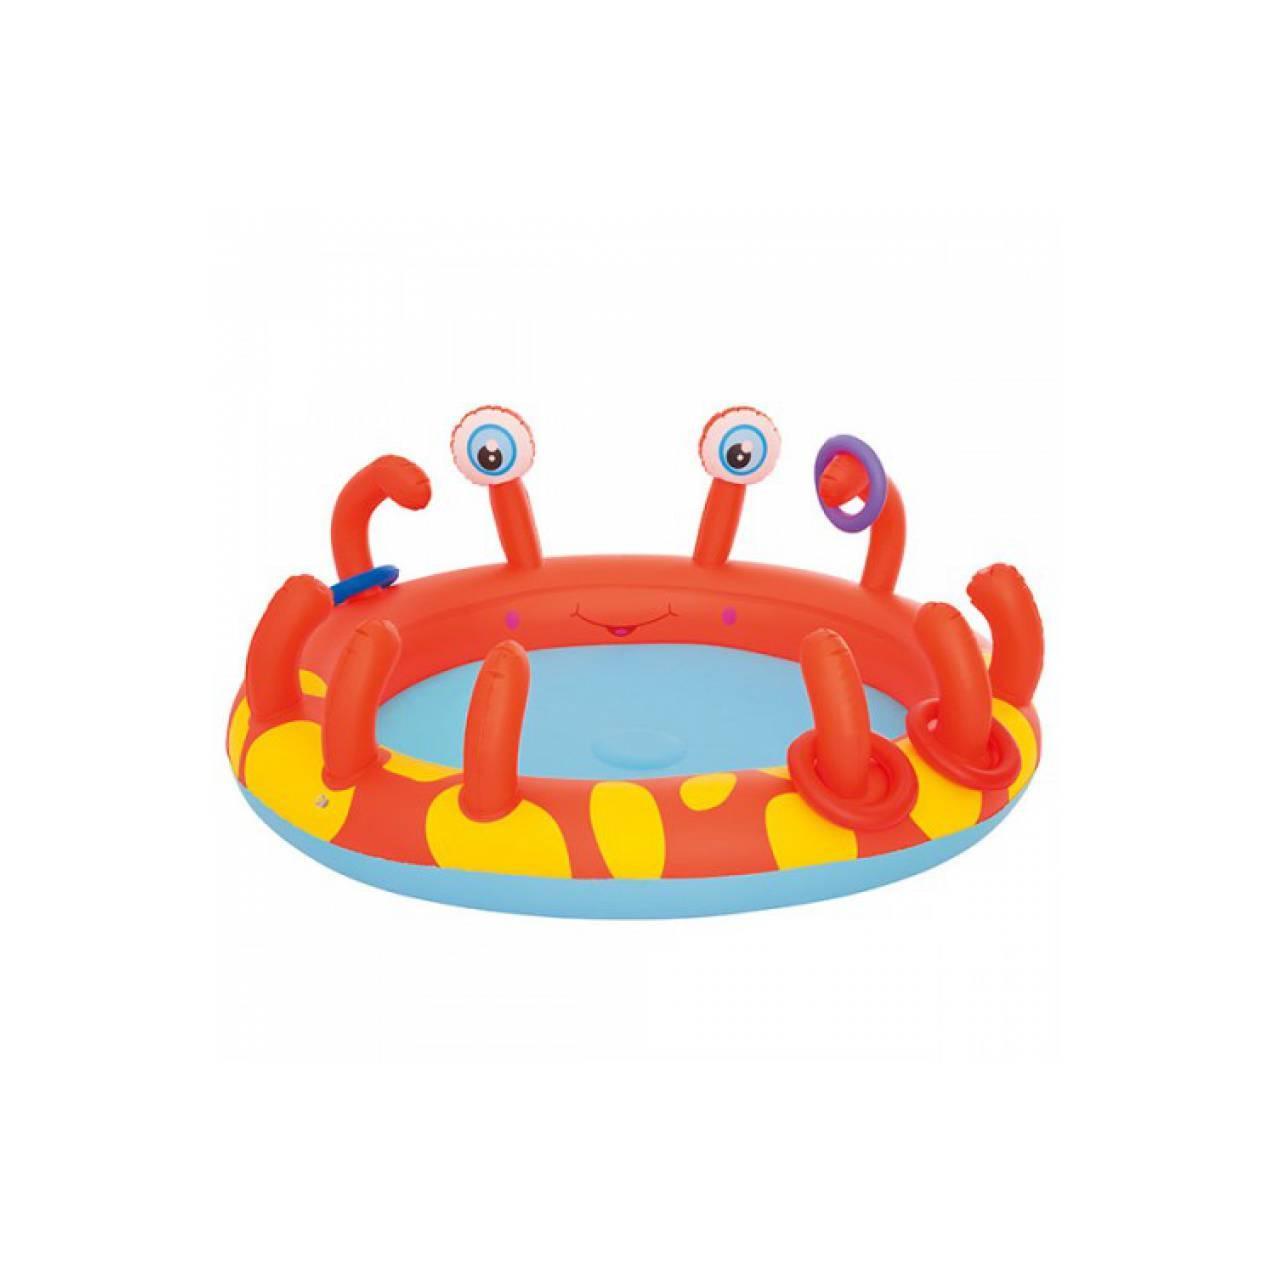 JUAL Kolam Renang Anak Bestway Interactive Crab Play Pool 53058